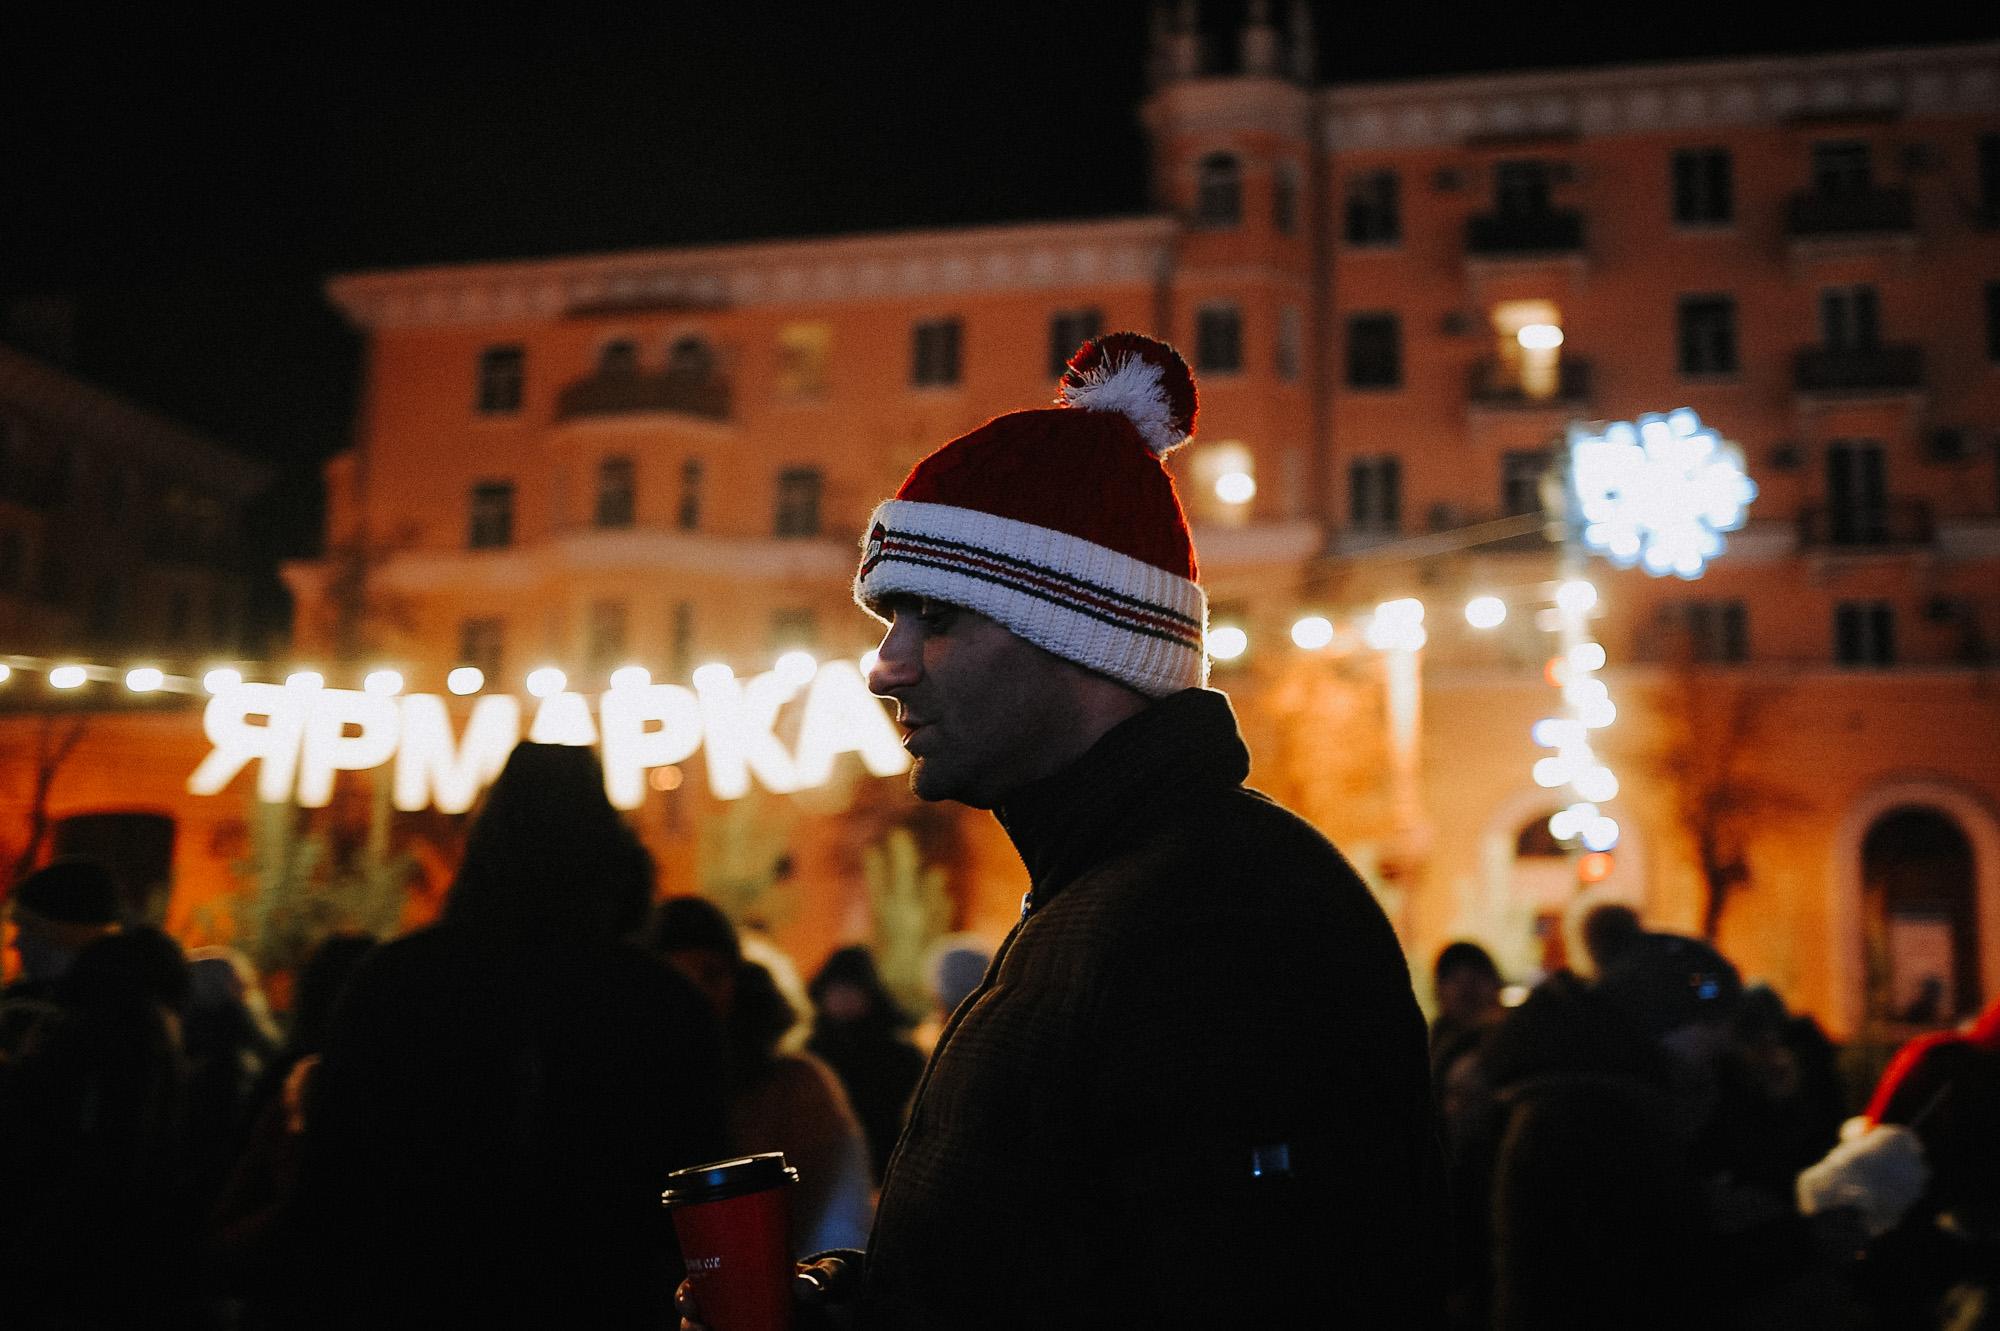 ZZZ 6905 В Астрахани на площади Ленина зажгли новогоднюю елку: кадры торжества